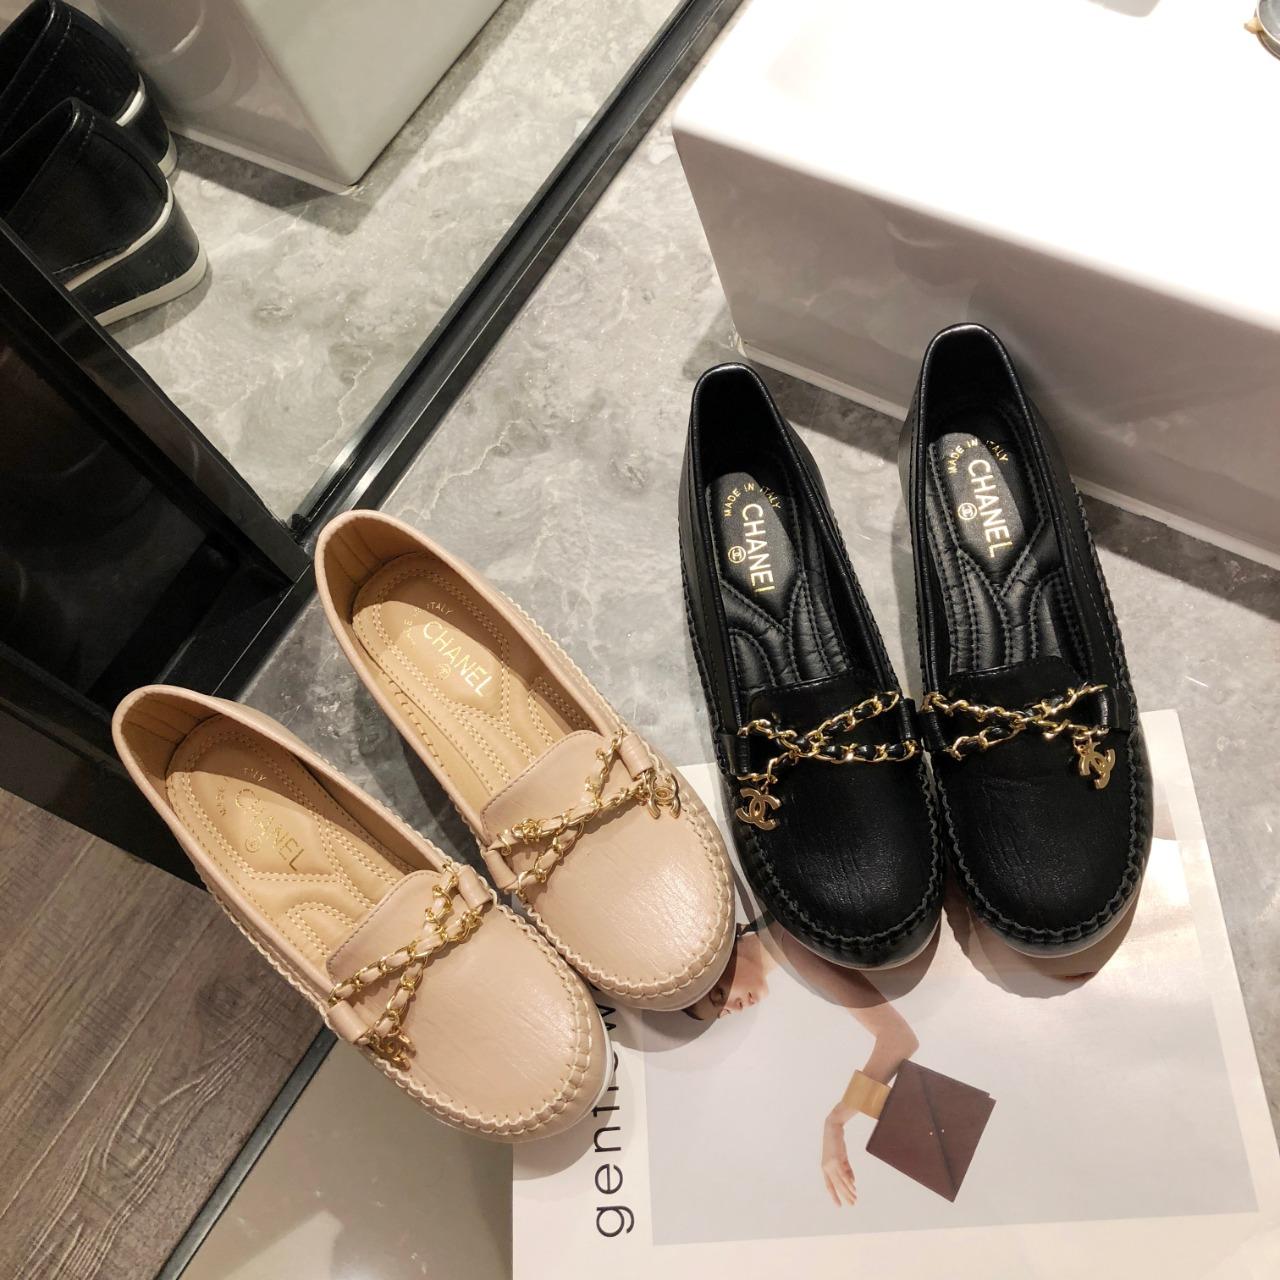 sepatu chanel wanita terbaru 2020 di indonesia 9705-5AJ